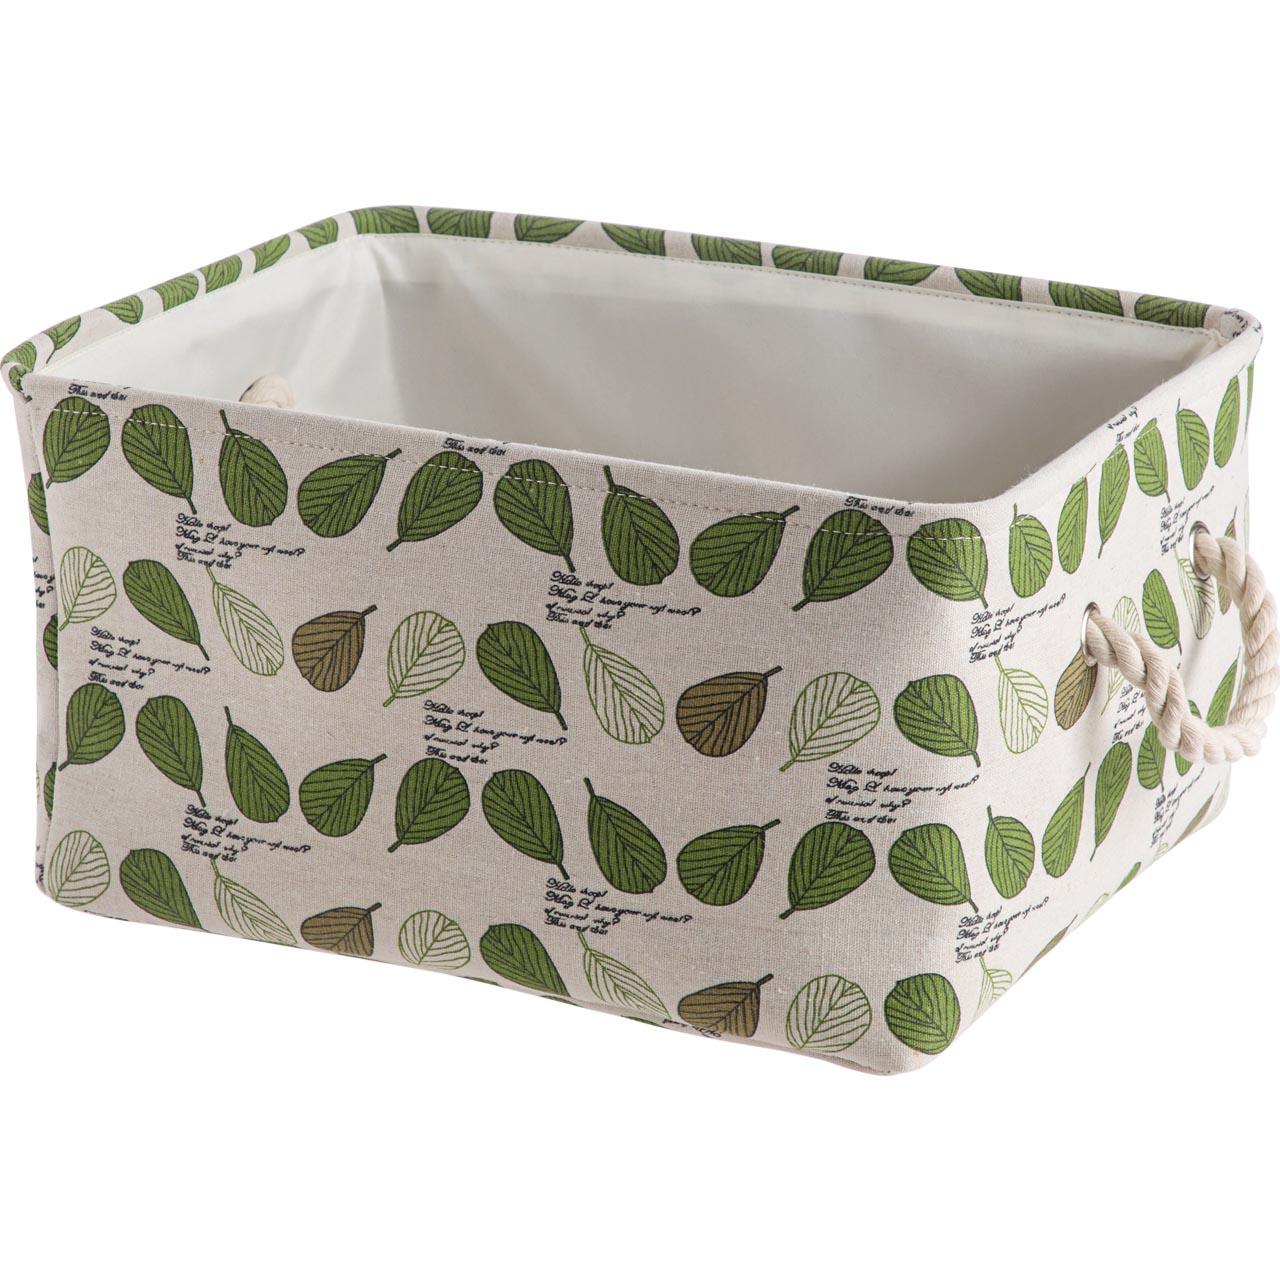 居家家衣服收纳筐布艺桌面整理箱家用厨房零食筐子收纳框收纳箱